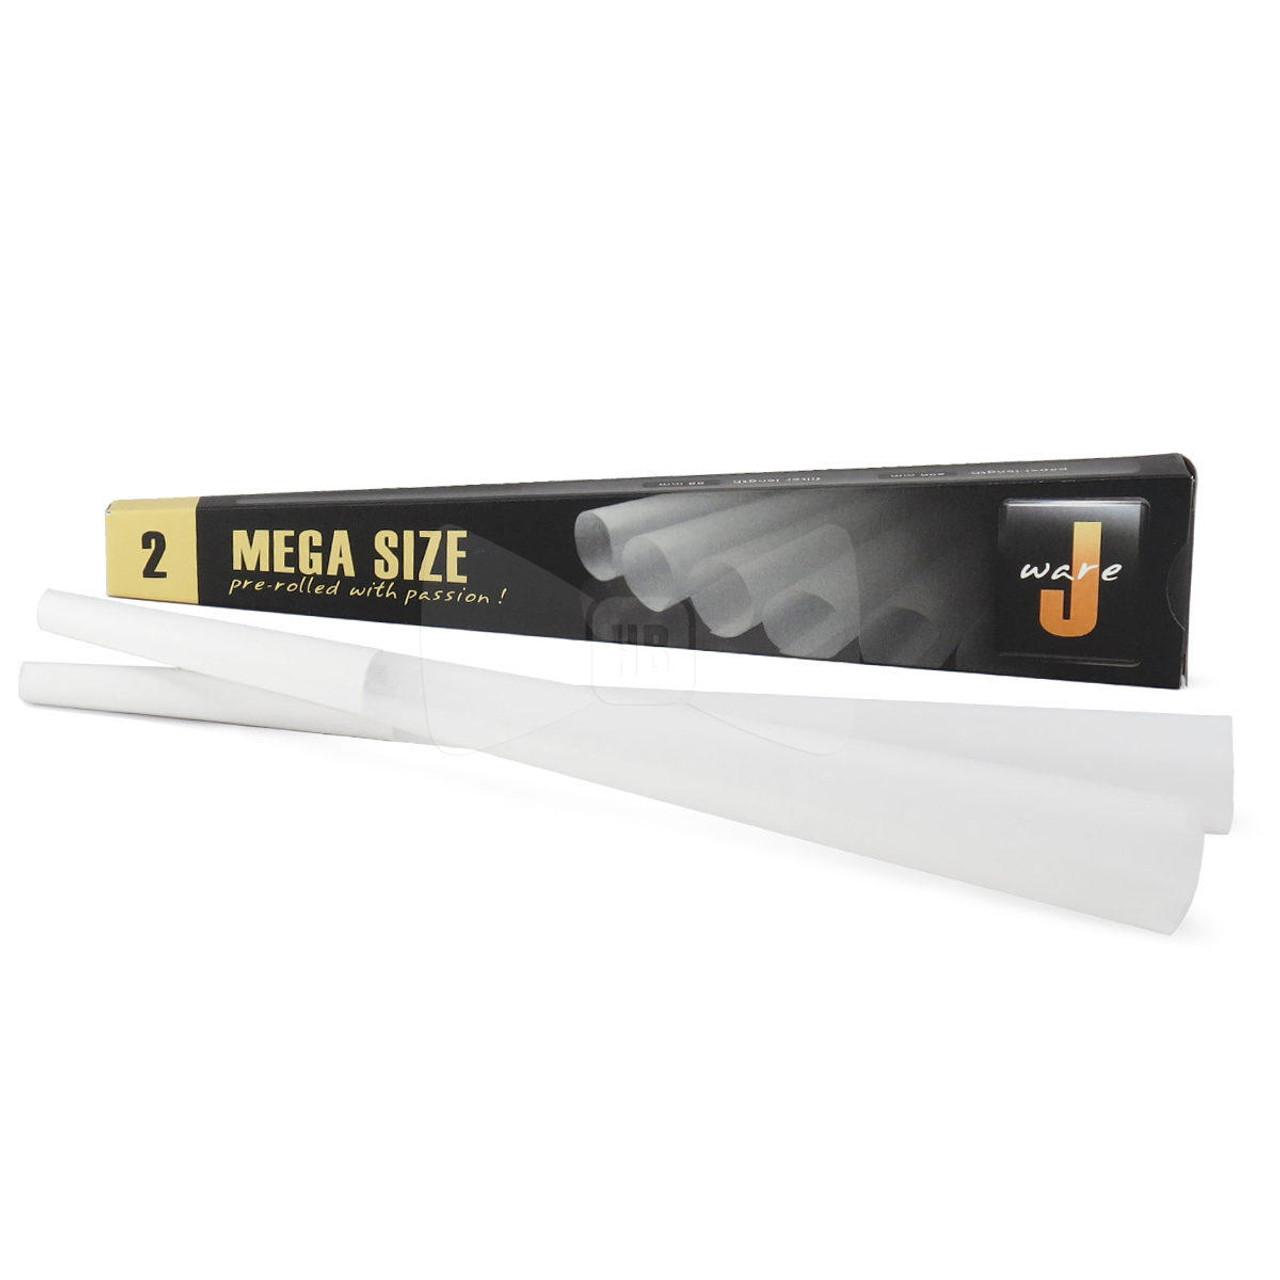 JWare Jware Mega Cones 2ct - Pack Of 30 at The Cloud Supply